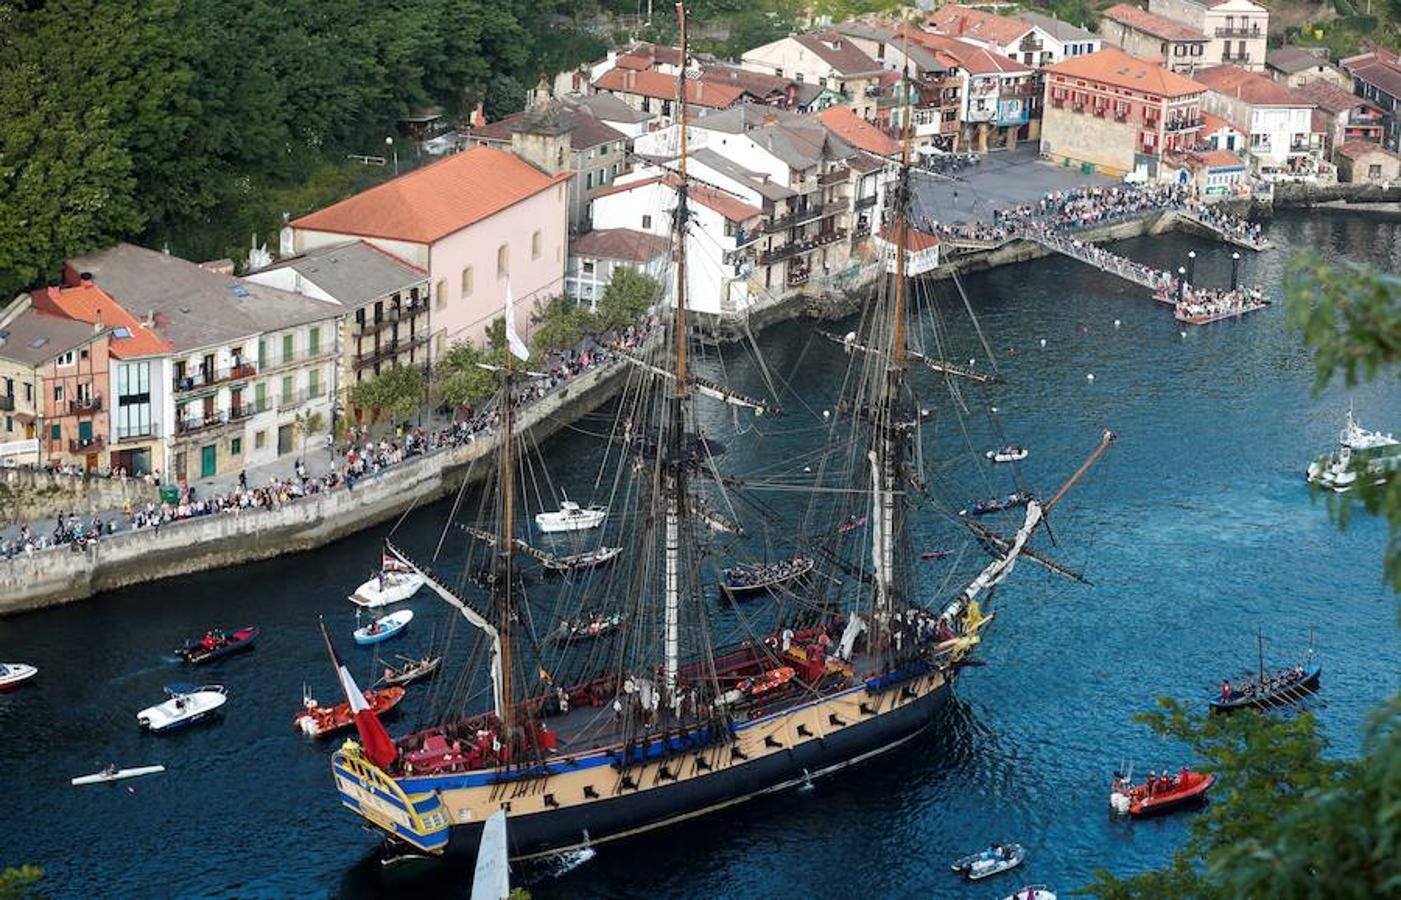 El imponente buque L'Hermione llegó ayer a Pasajes (Guipúzcoa) para poner el colofón al Festival Marítimo